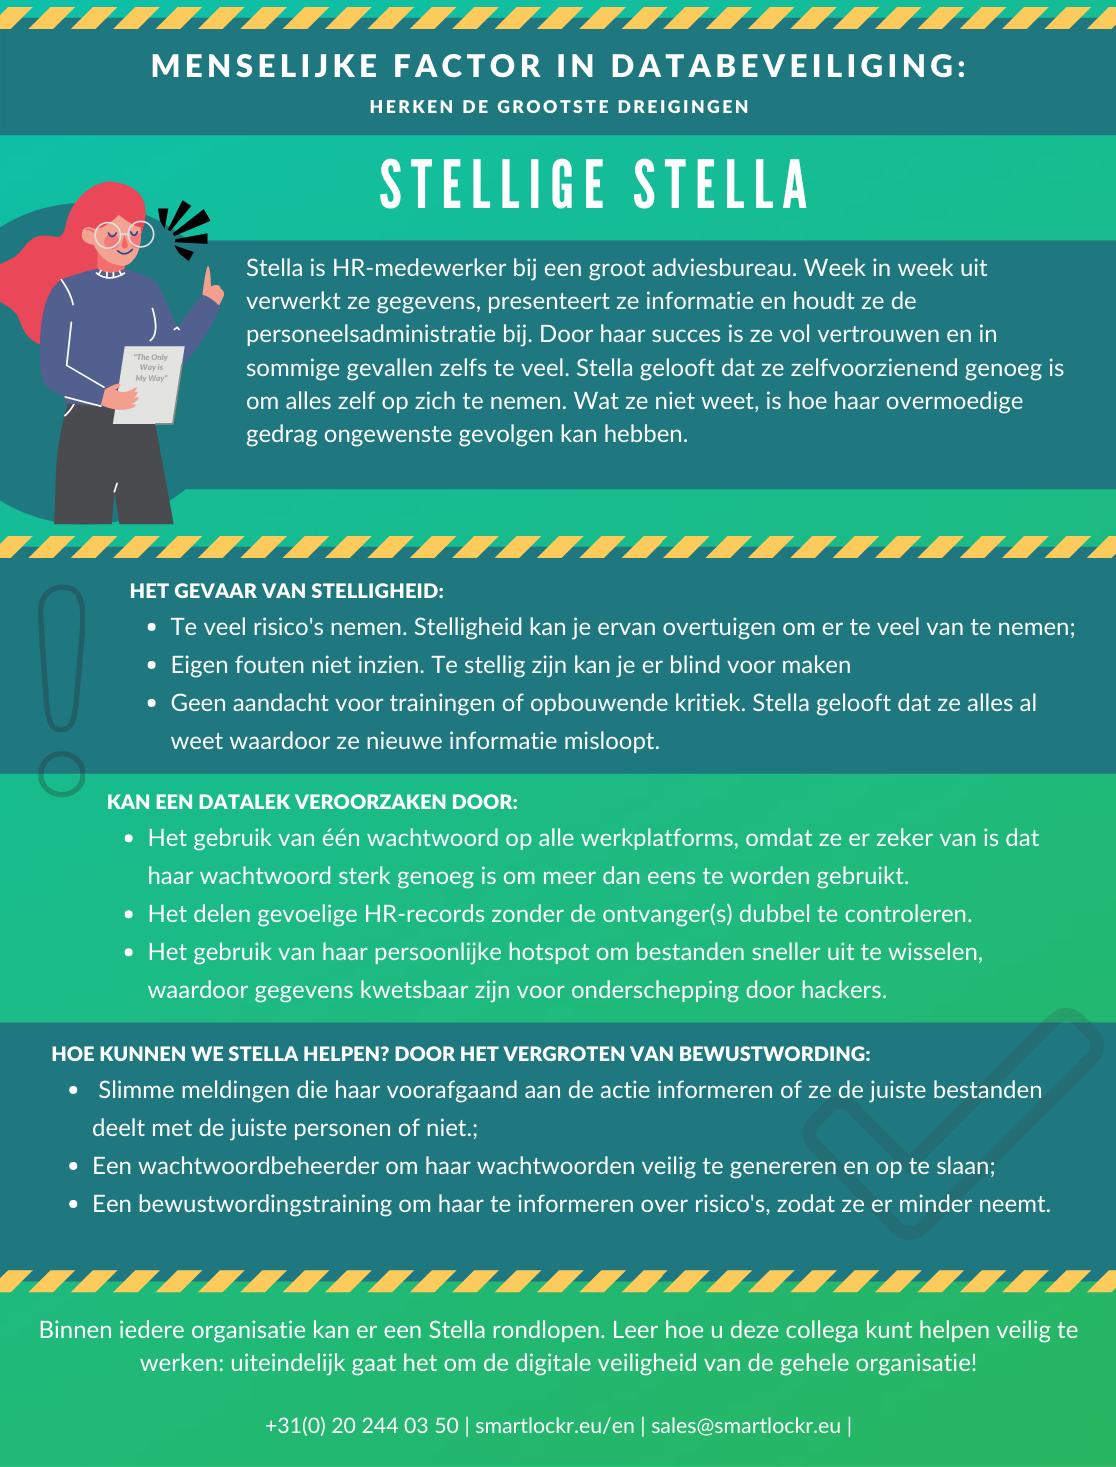 Stellige-stella-infographic